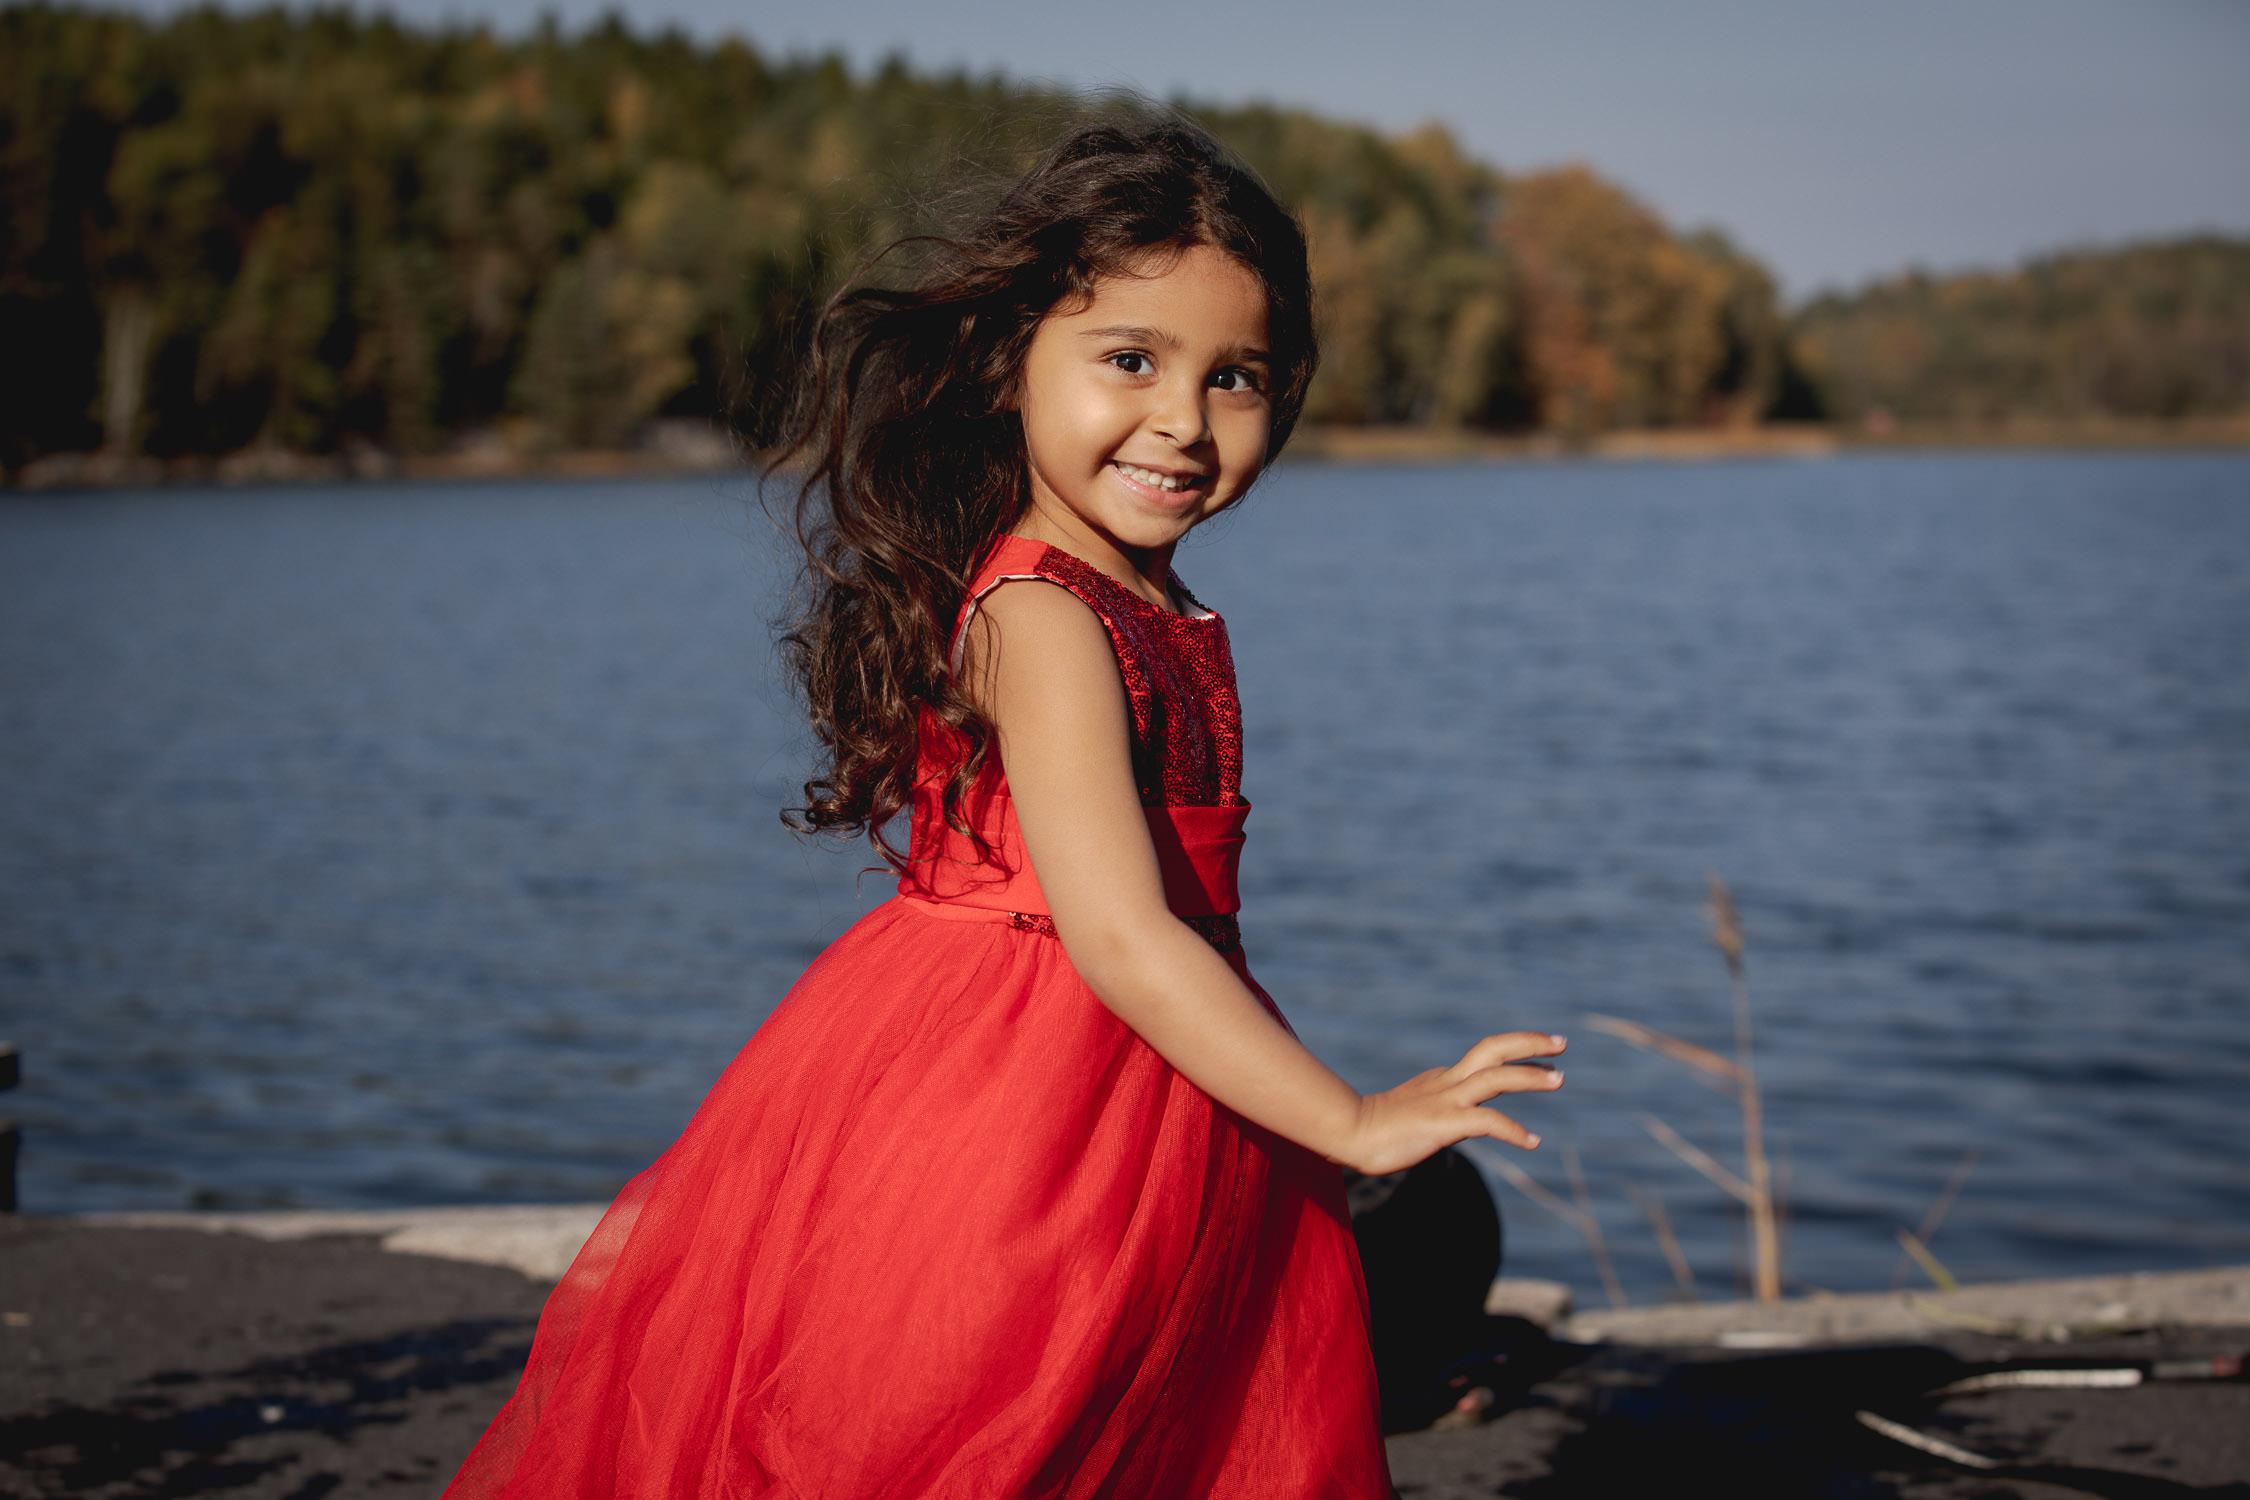 barn-ettaar-1-barnefotograf-barnefotografering-to-fotograf--0751.jpg